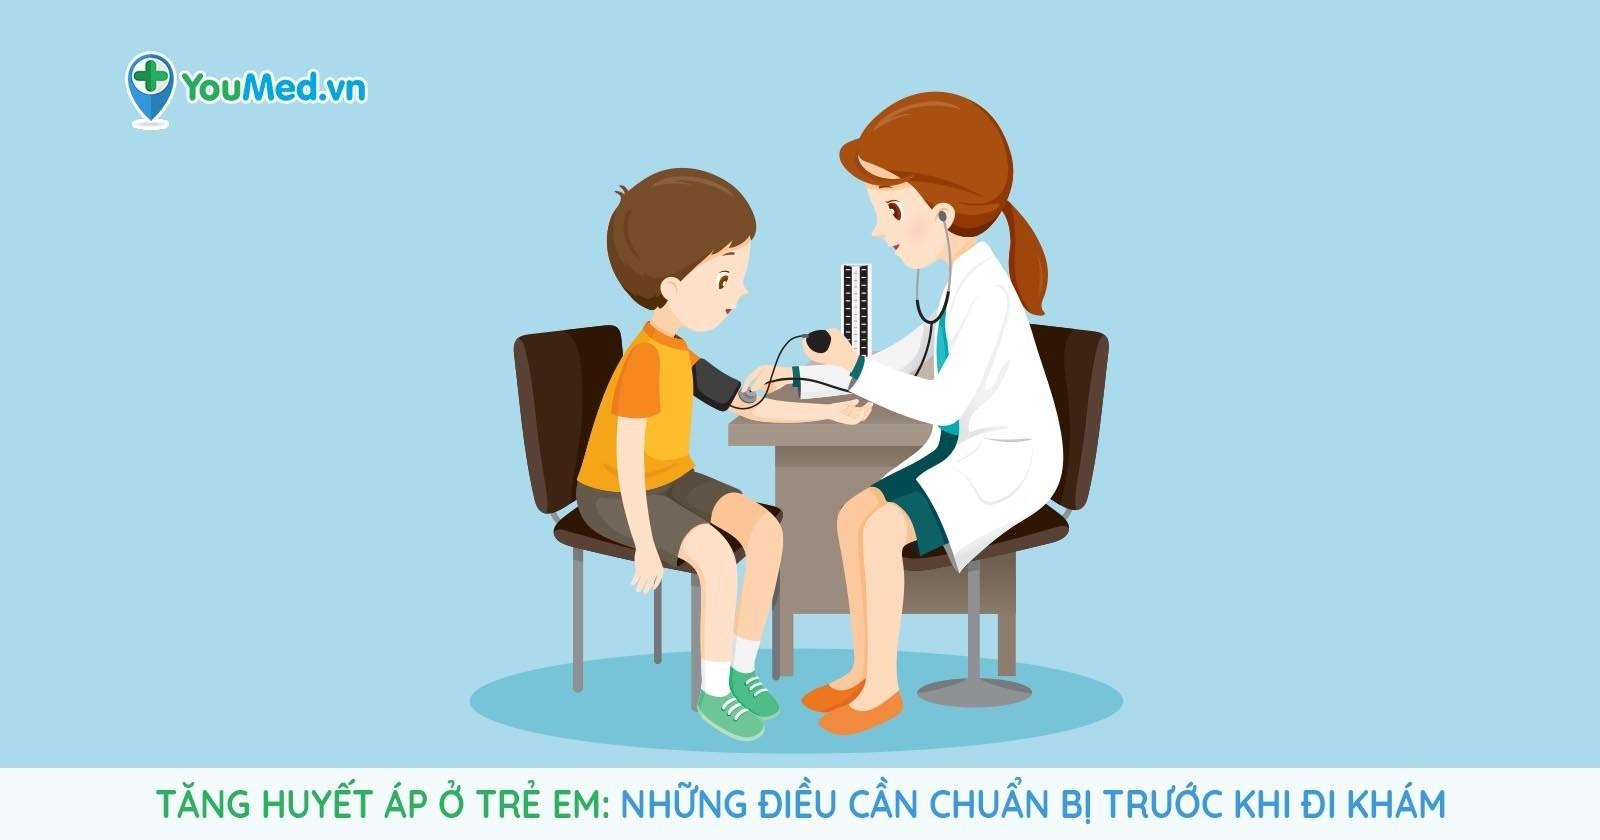 Tăng huyết áp ở trẻ em: Những điều cần chuẩn bị trước khi đi khám